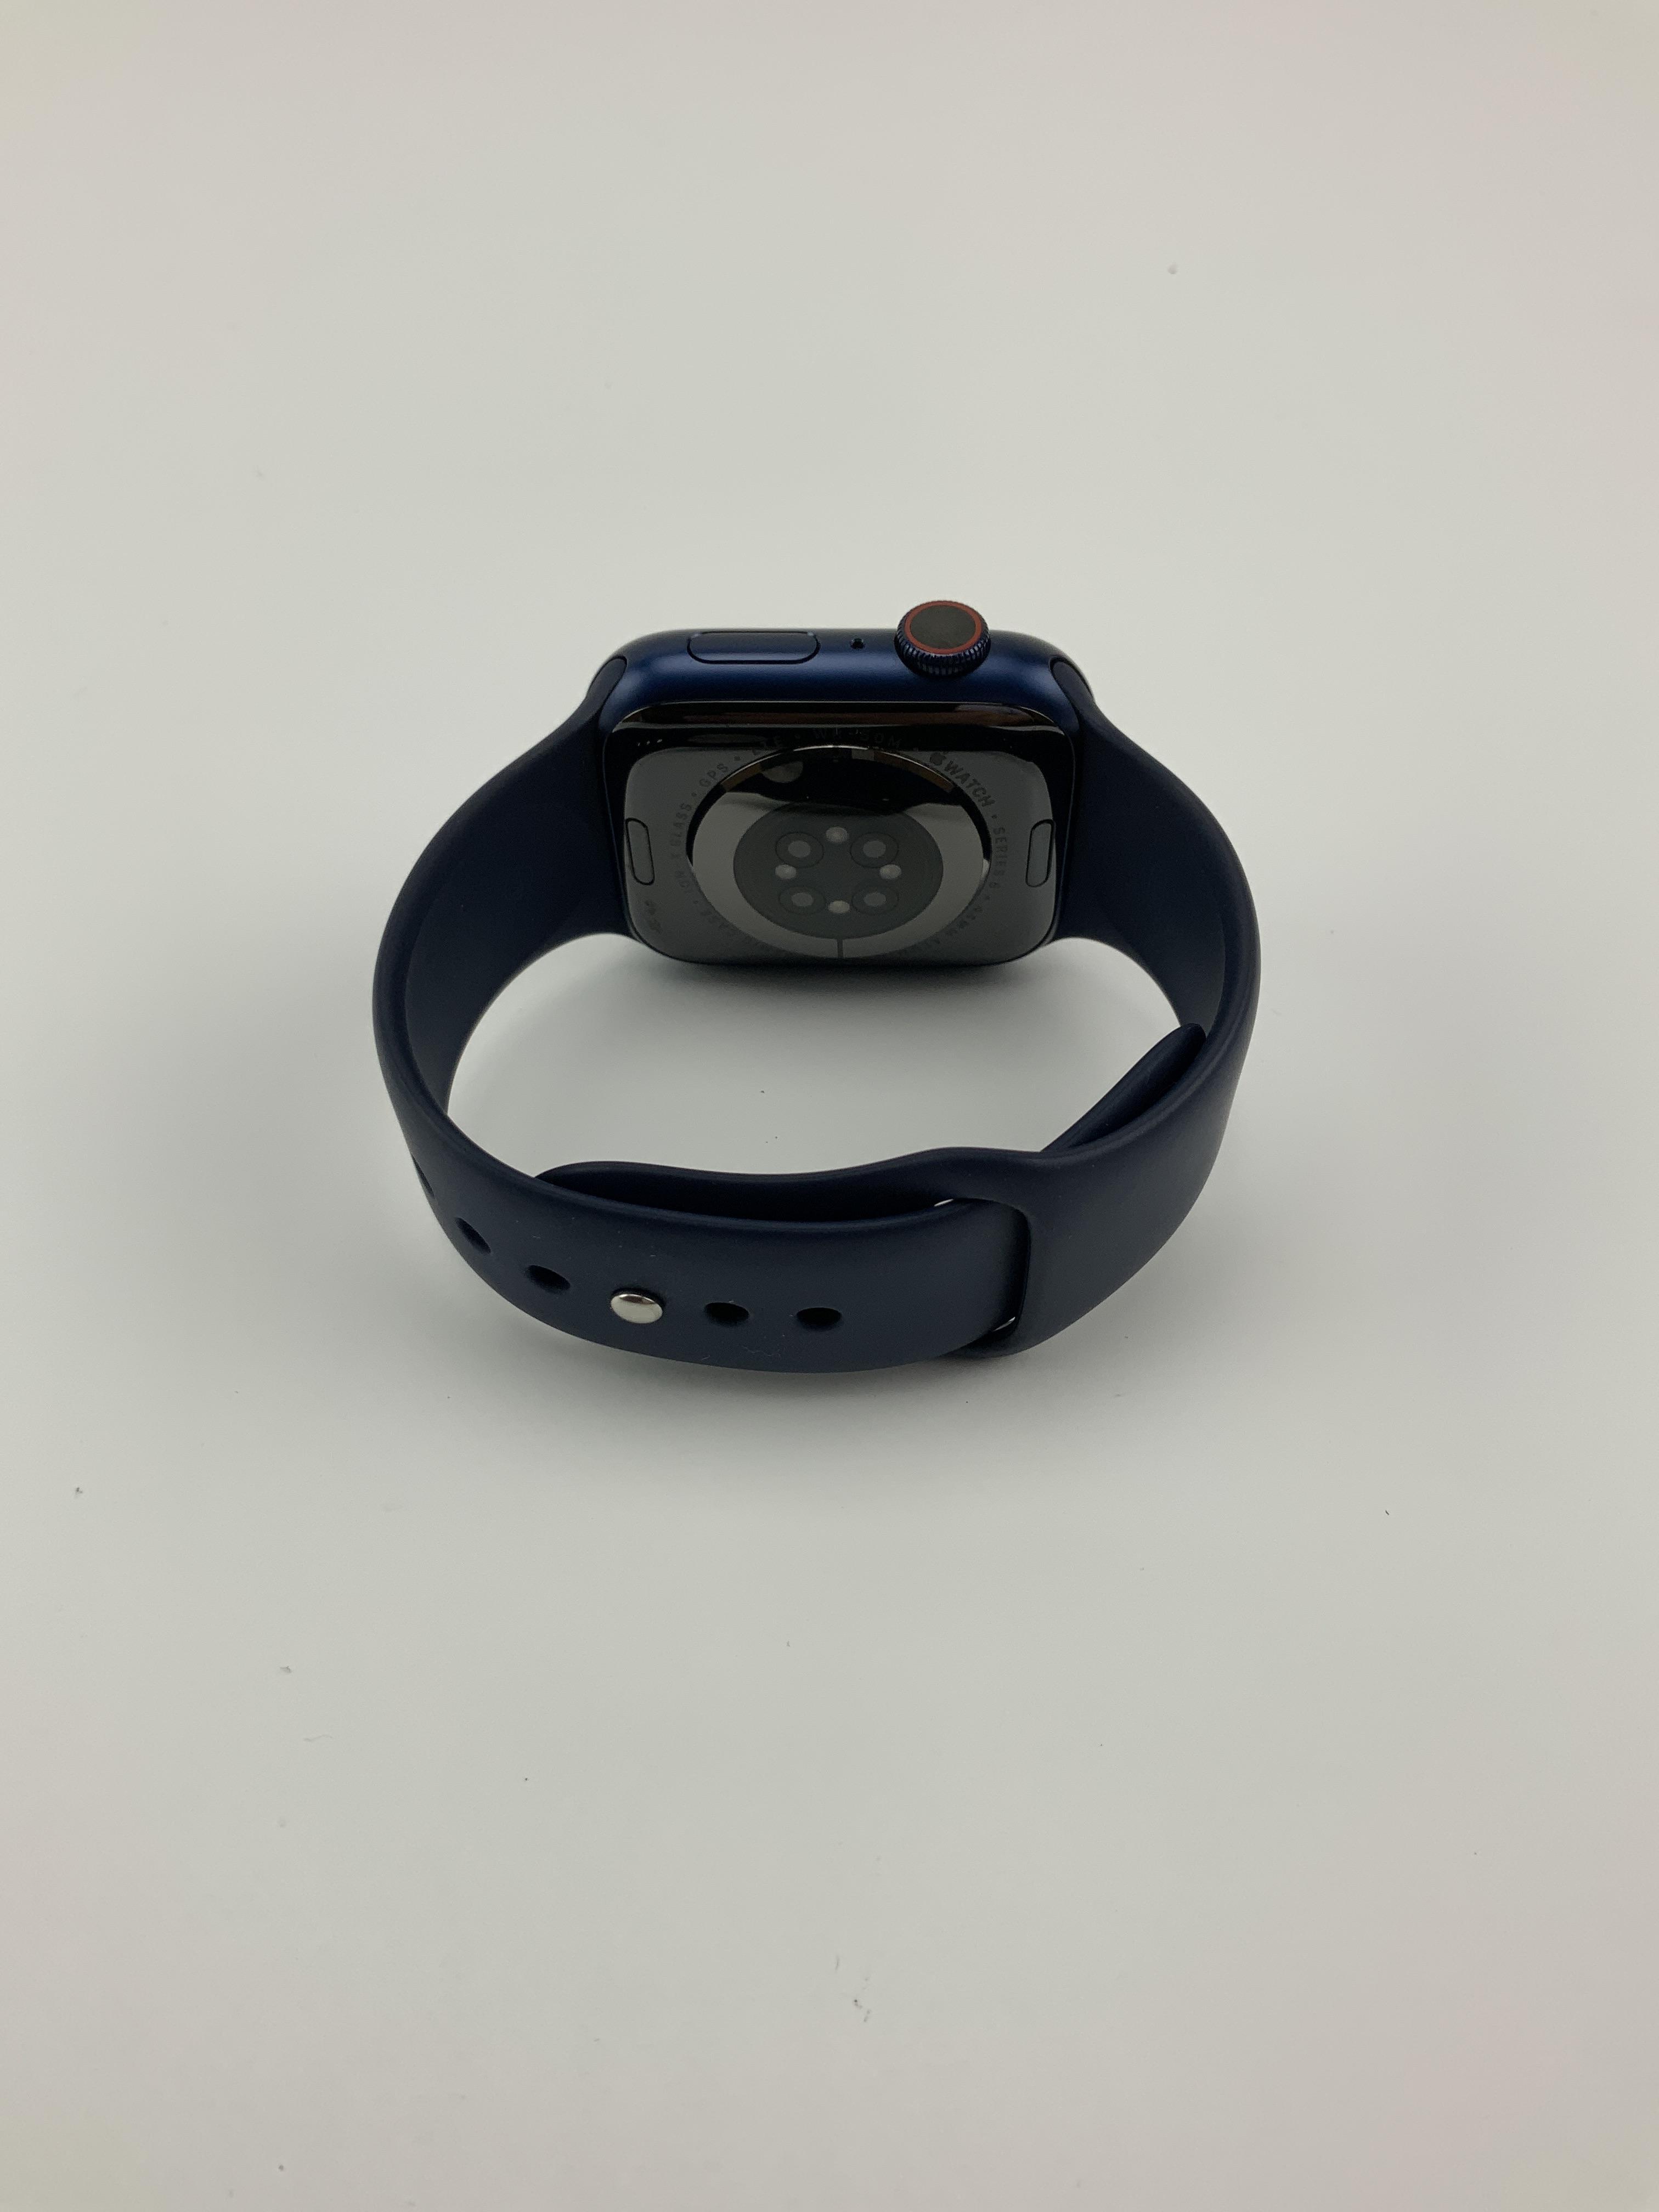 Watch Series 6 Aluminum Cellular (44mm), Blue, bild 5